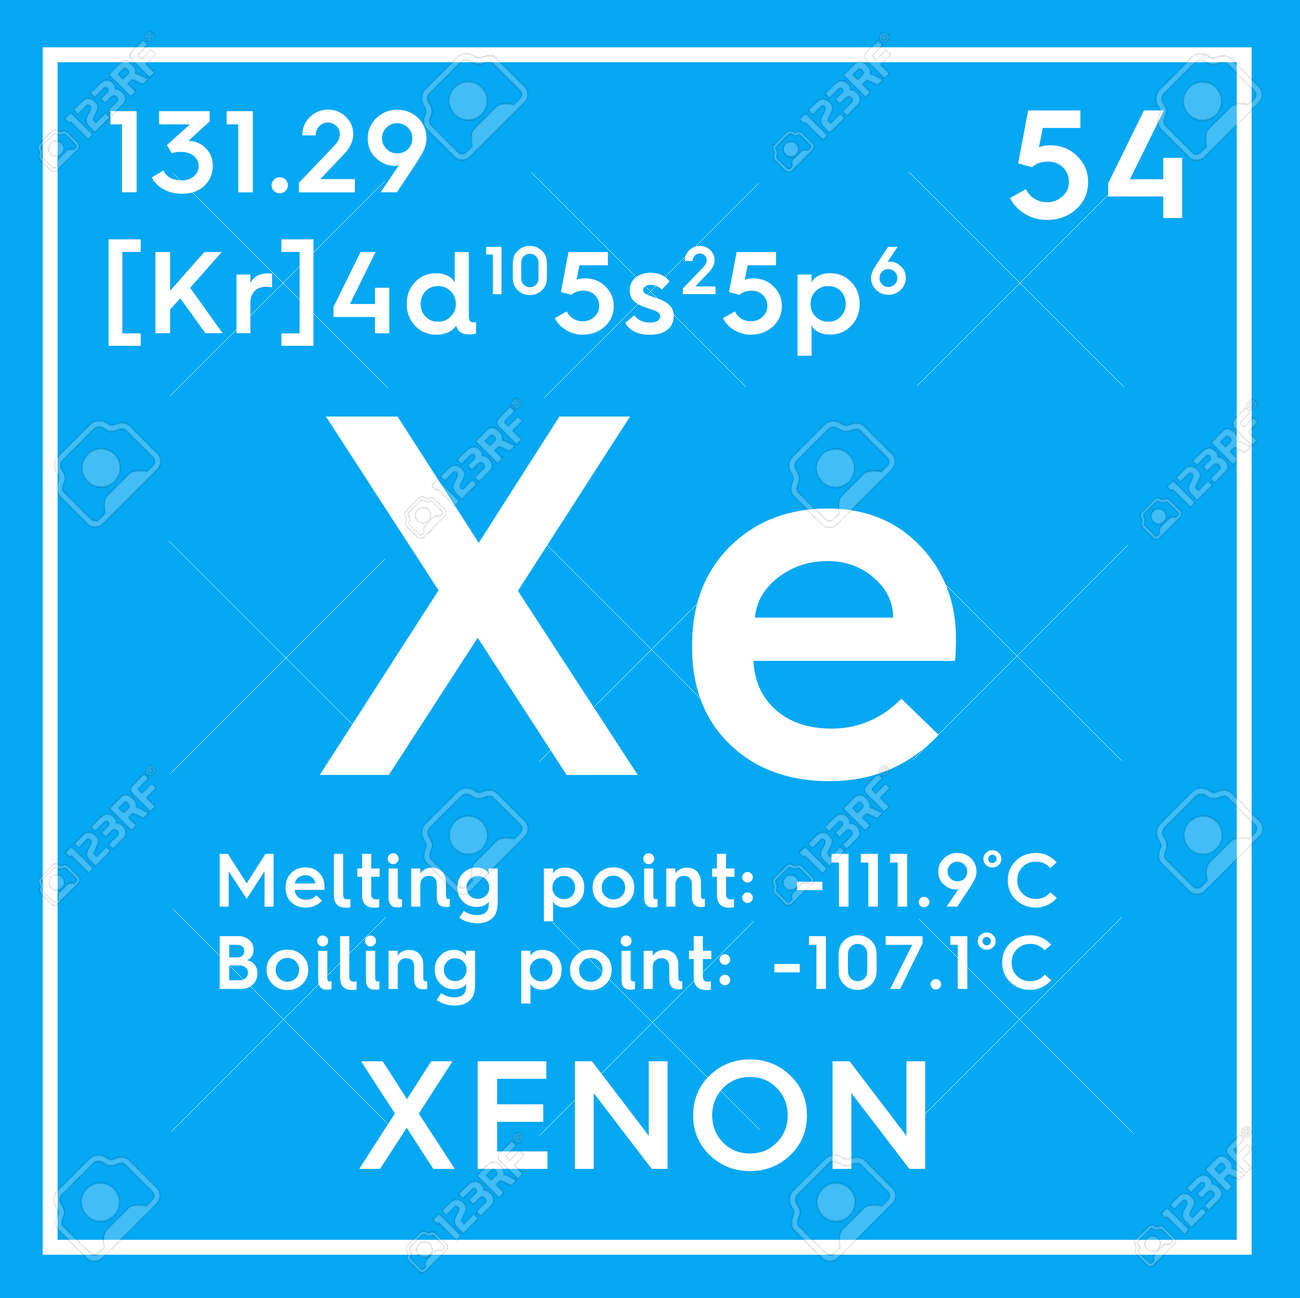 foto de archivo xenn gases nobles elemento qumico de la tabla peridica de mendeleev xenon en cubo cuadrado concepto creativo